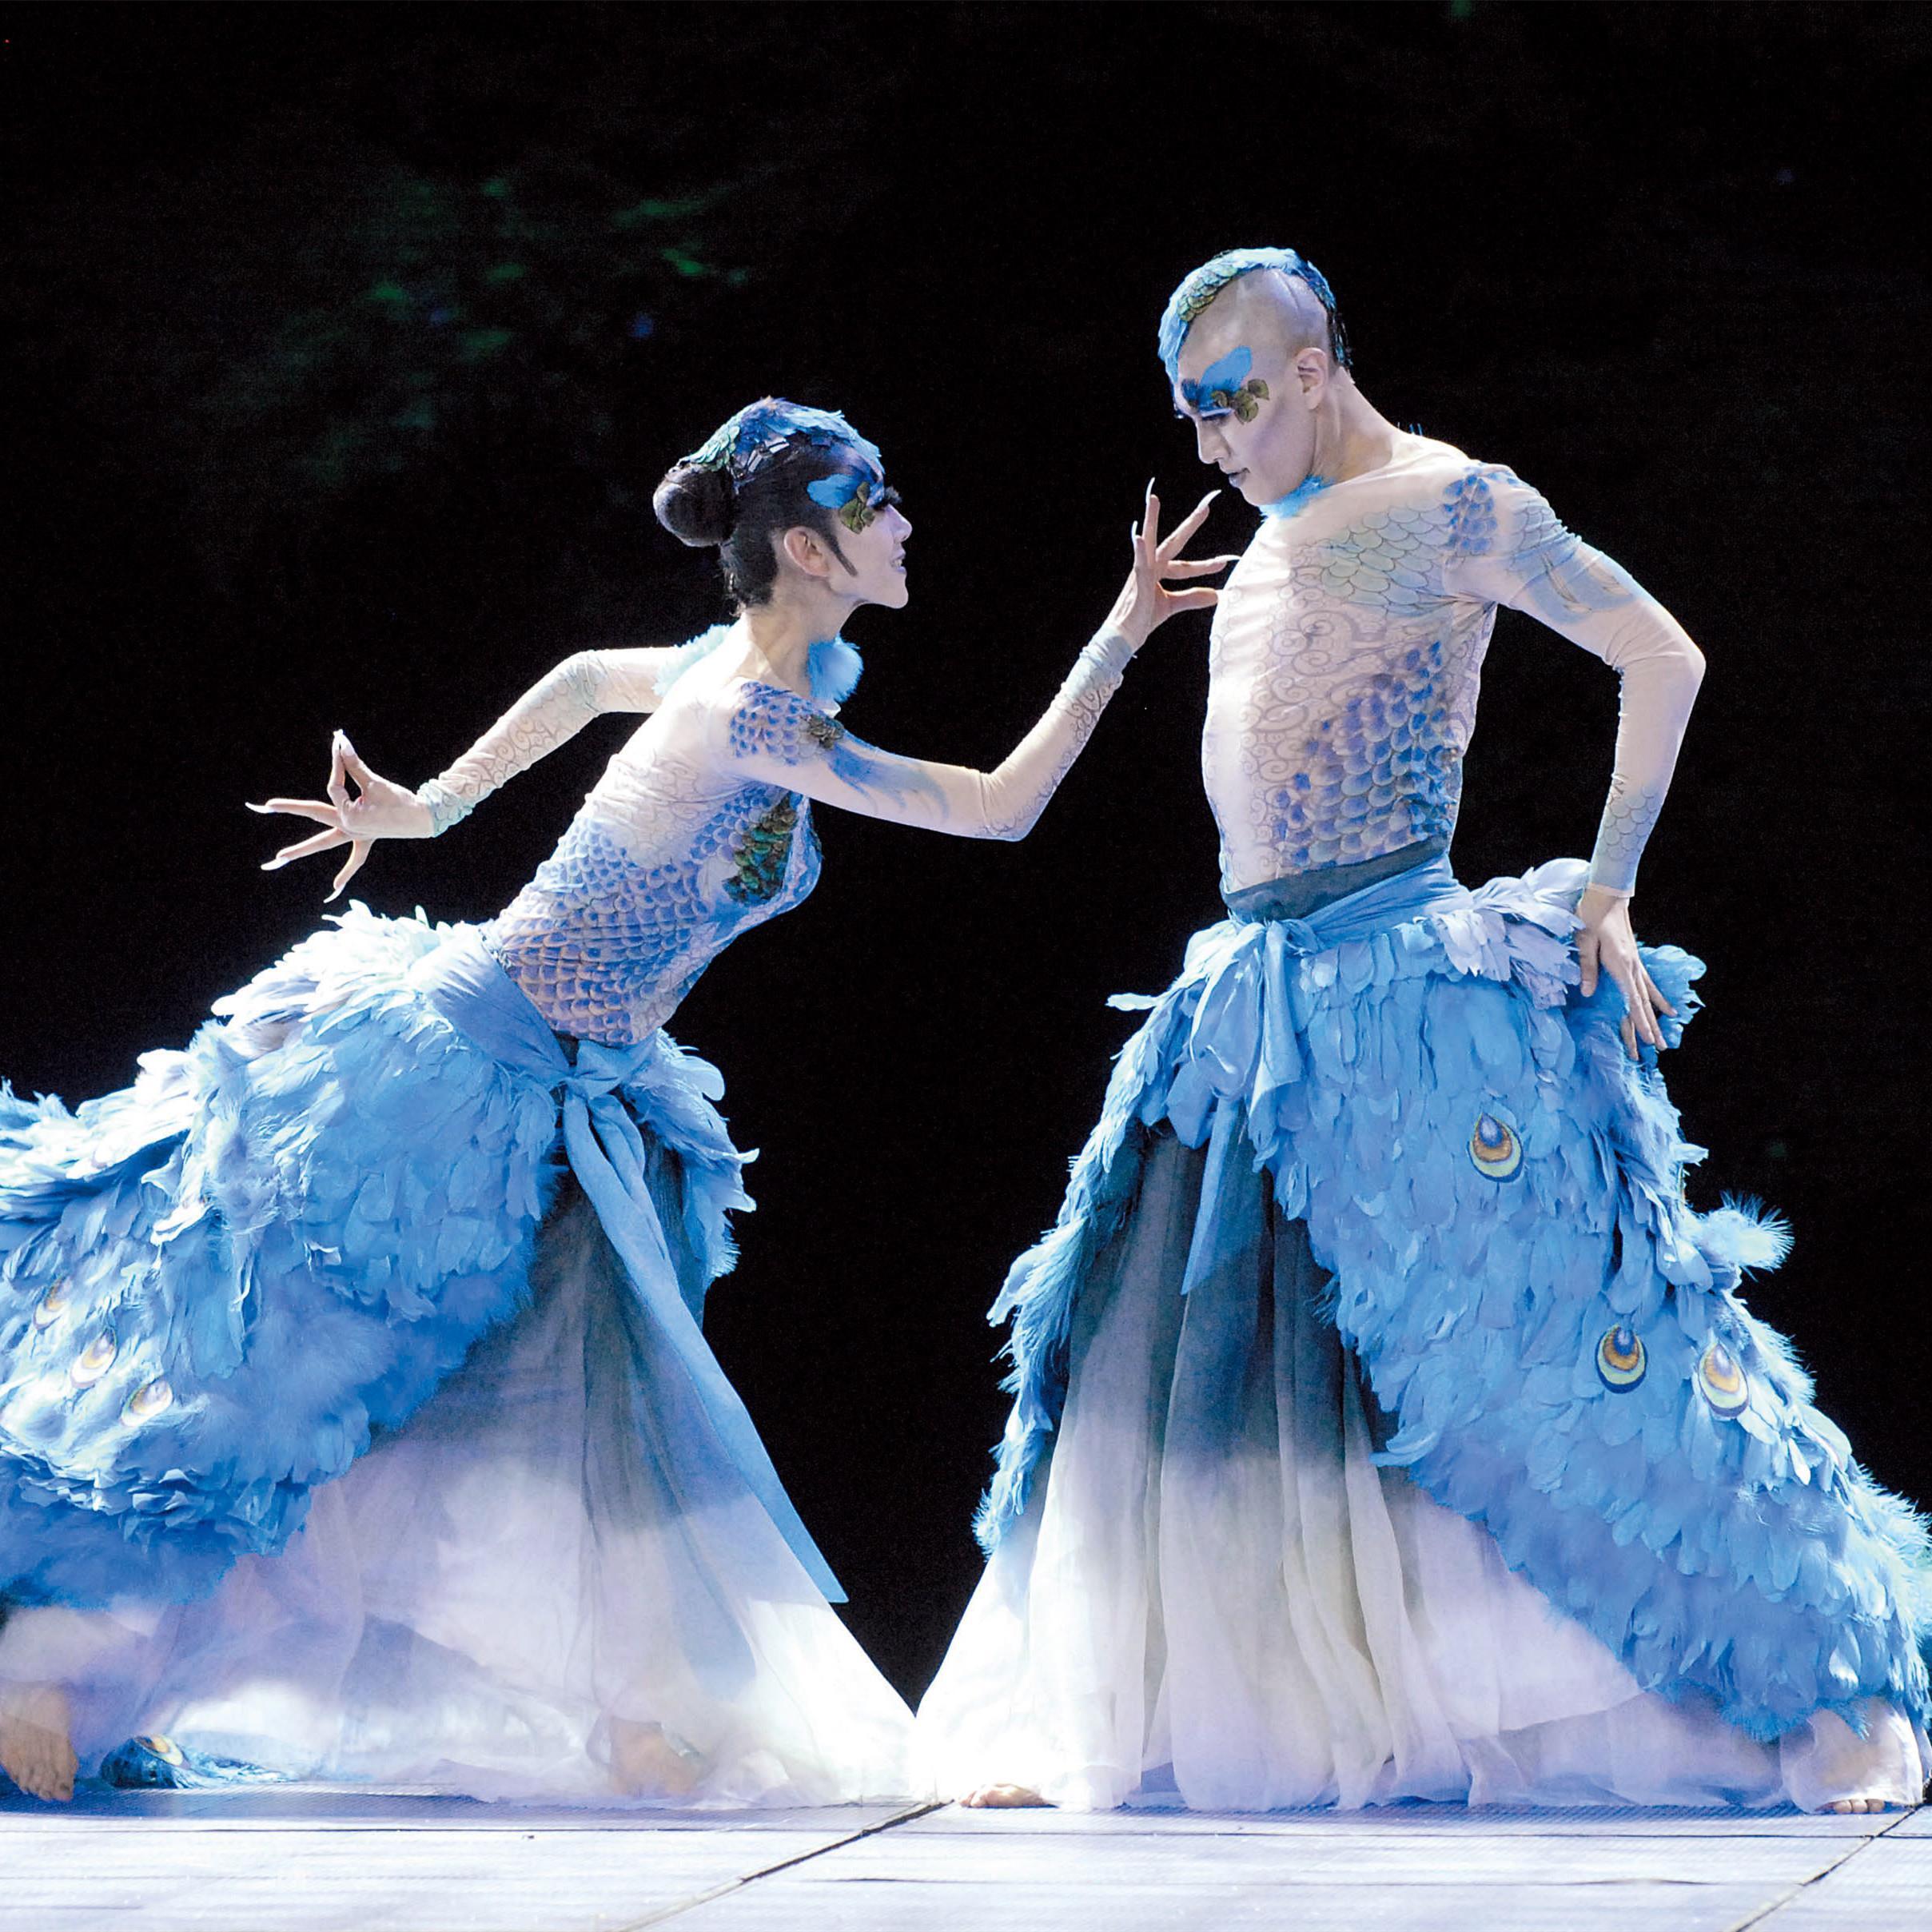 孔雀舞是哪个民族的舞蹈